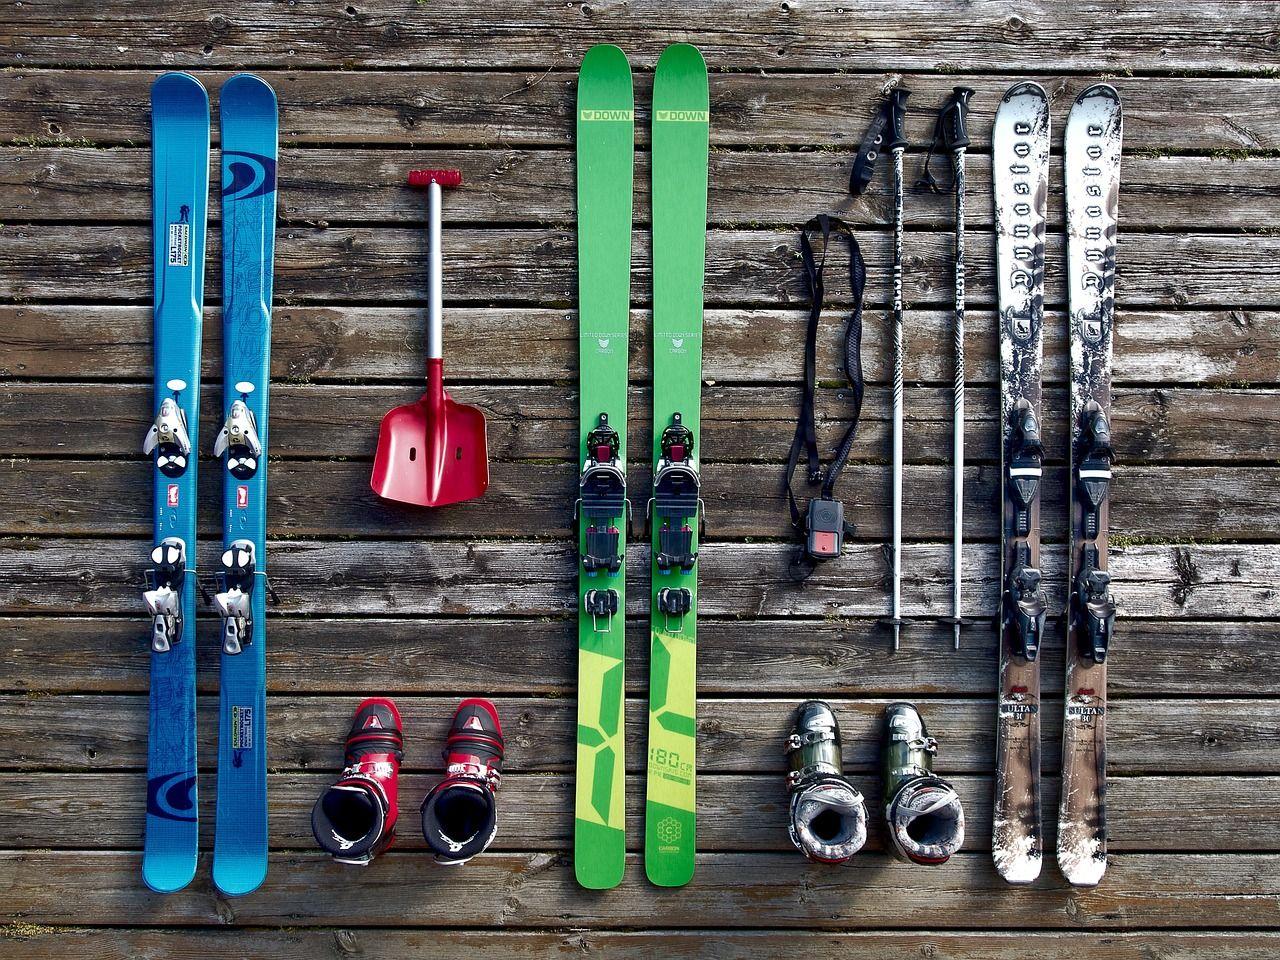 20 grandes marques de ski avec du matériel et des accessoires haut de gamme